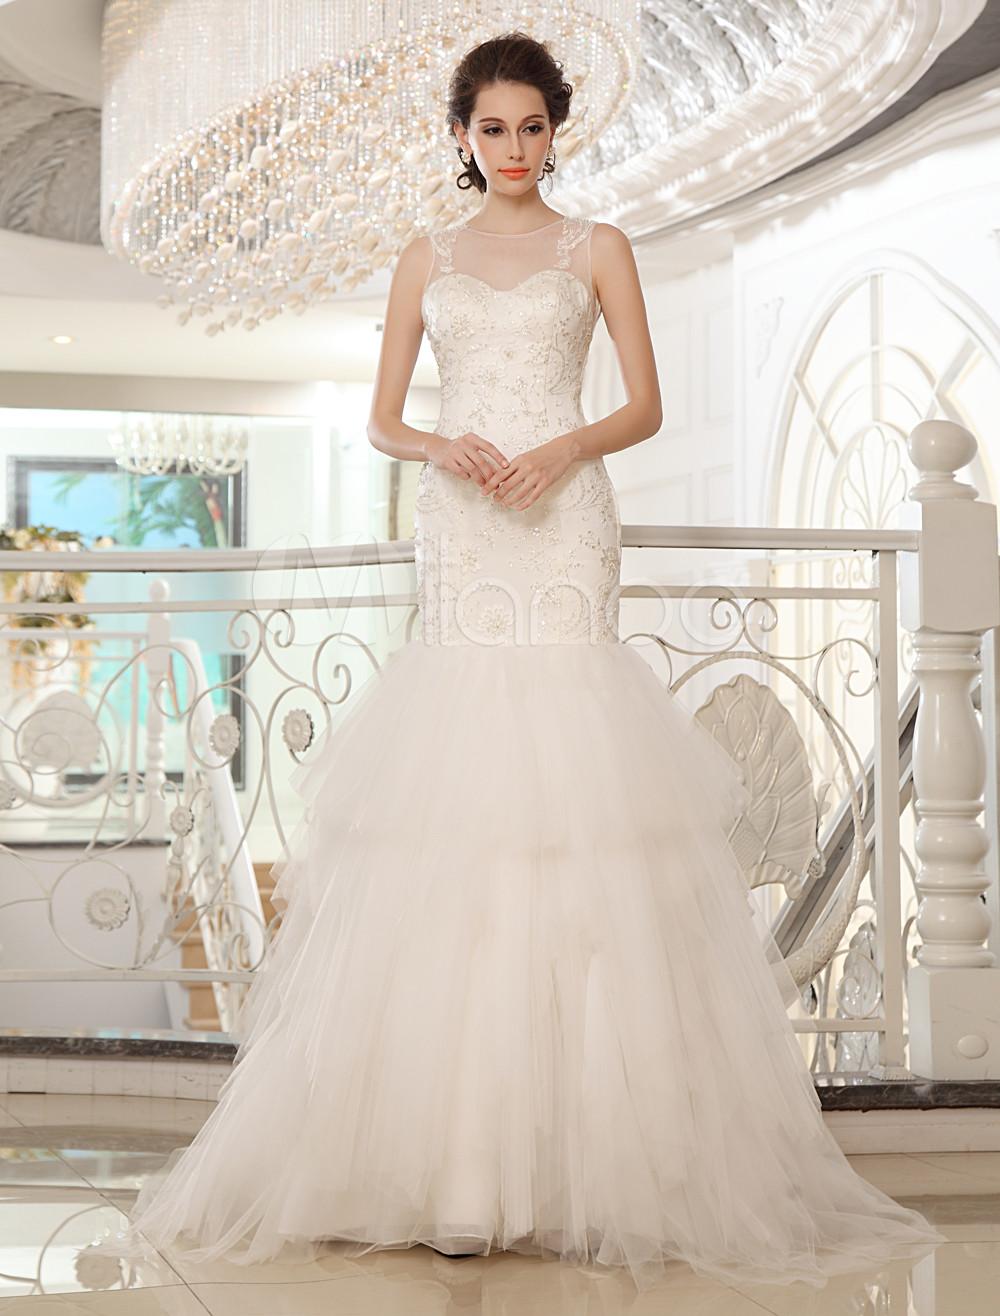 Vestito da sposa a sirena senza spalline con perline avorio - Milanoo ...